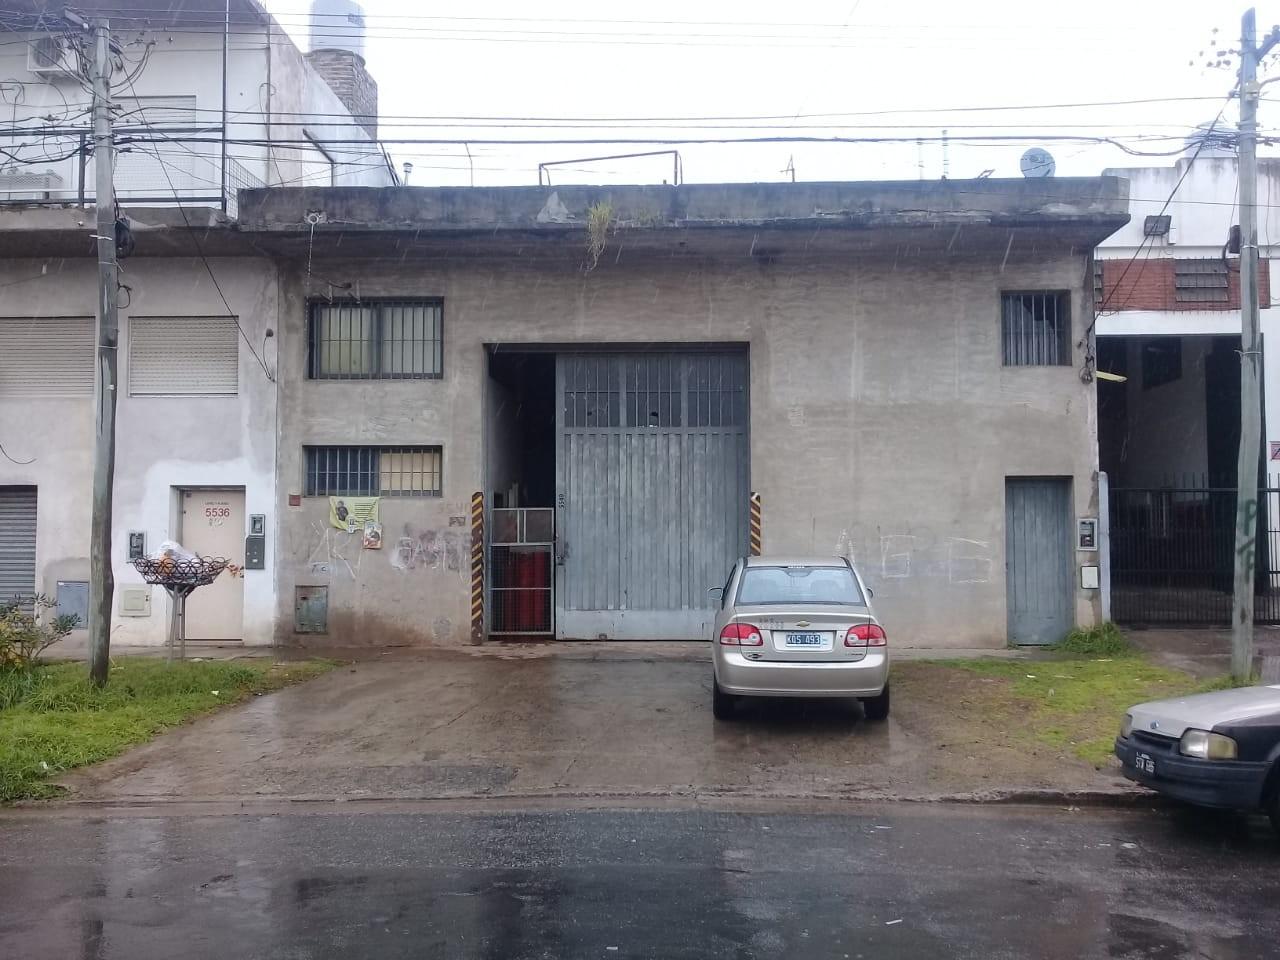 GALPON/DEPOSITO /LOCAL  DE EXCELENTE CALIDAD CONSTRUCTIVA TODO LOSA DE 4.70 M DE ALTURA 300 M2